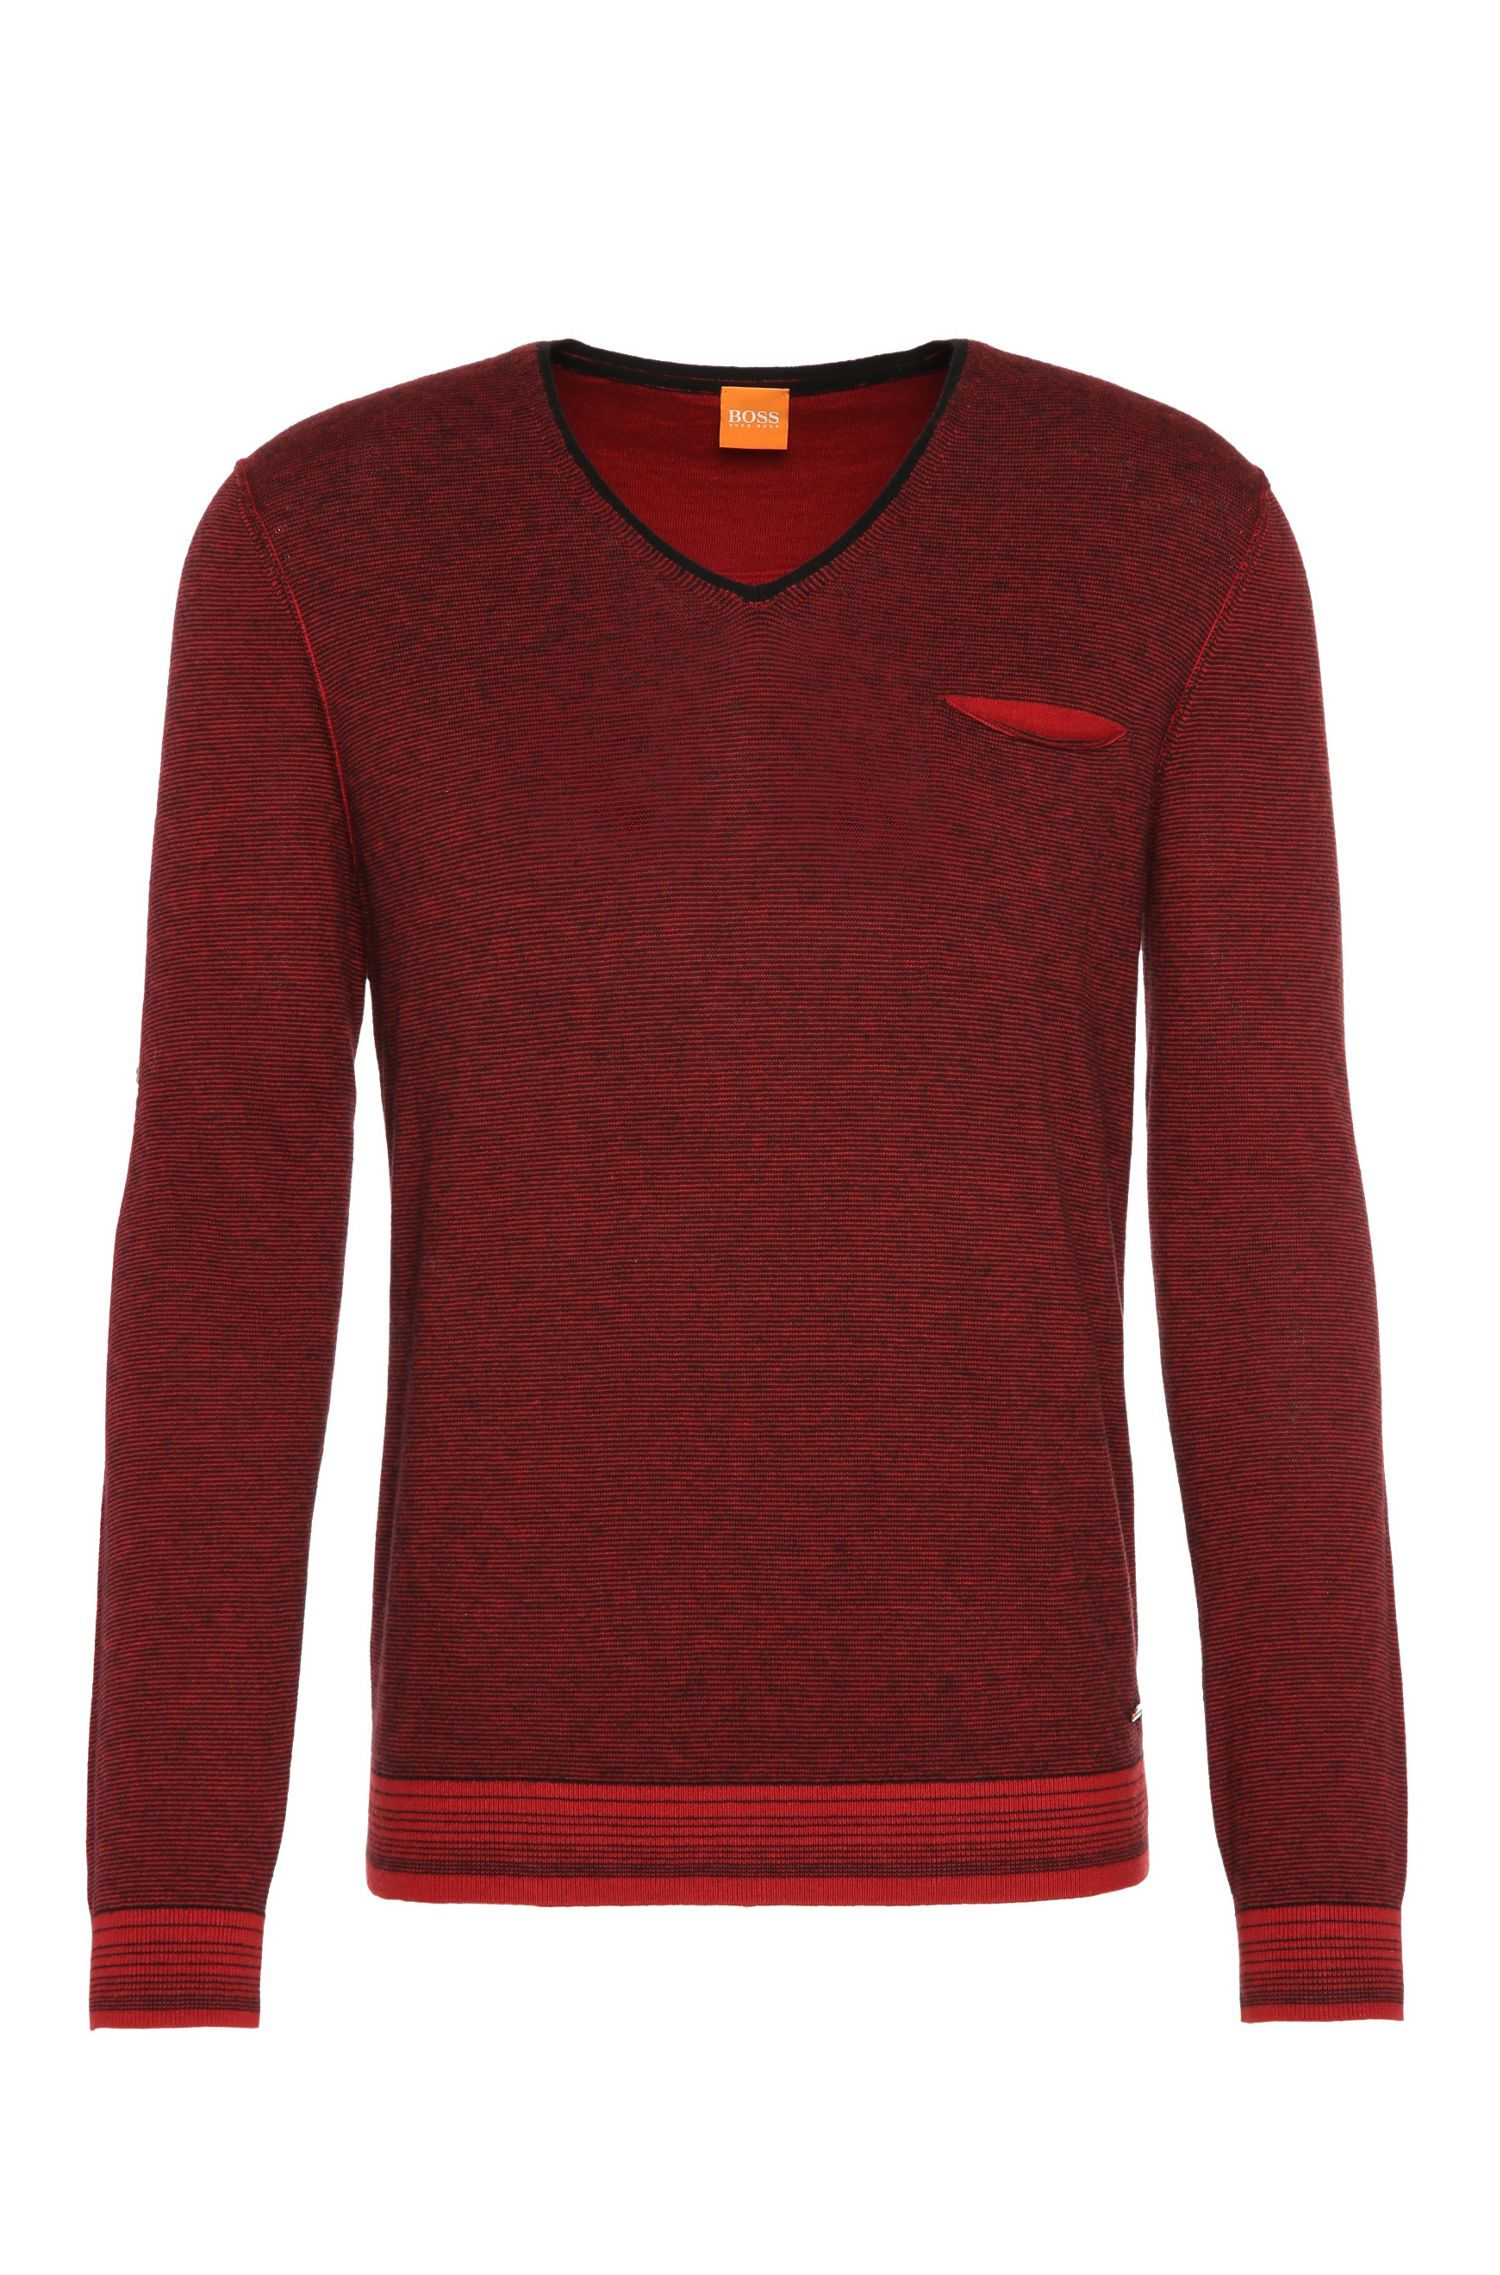 'Kerpen' | Cotton Virgin Wool Finestripe Sweater